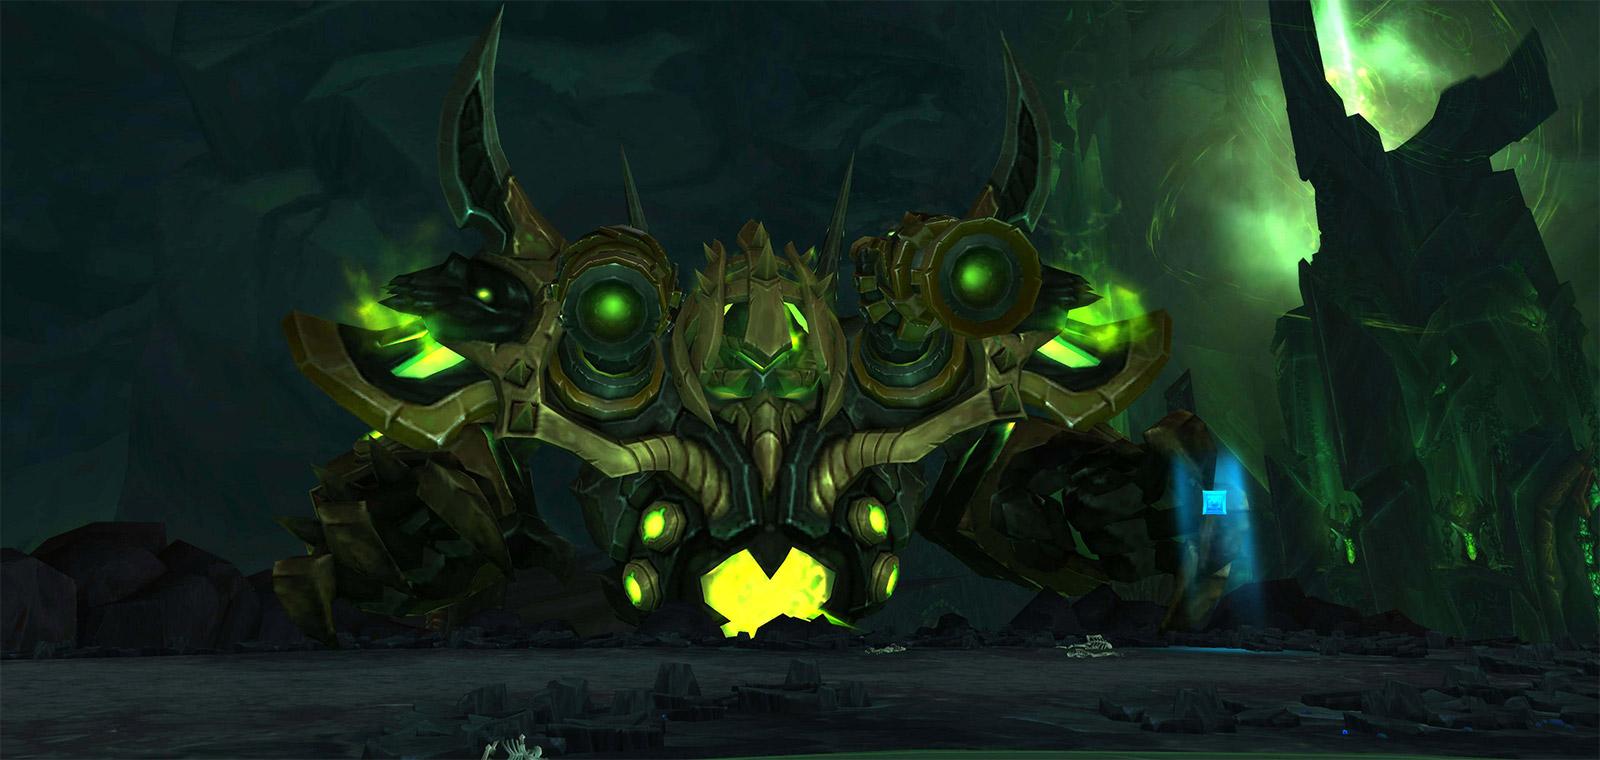 Le rang 3 de la cuirasse en empyrium est détenu par le premier boss d'Antorus, le brise-monde Garothi